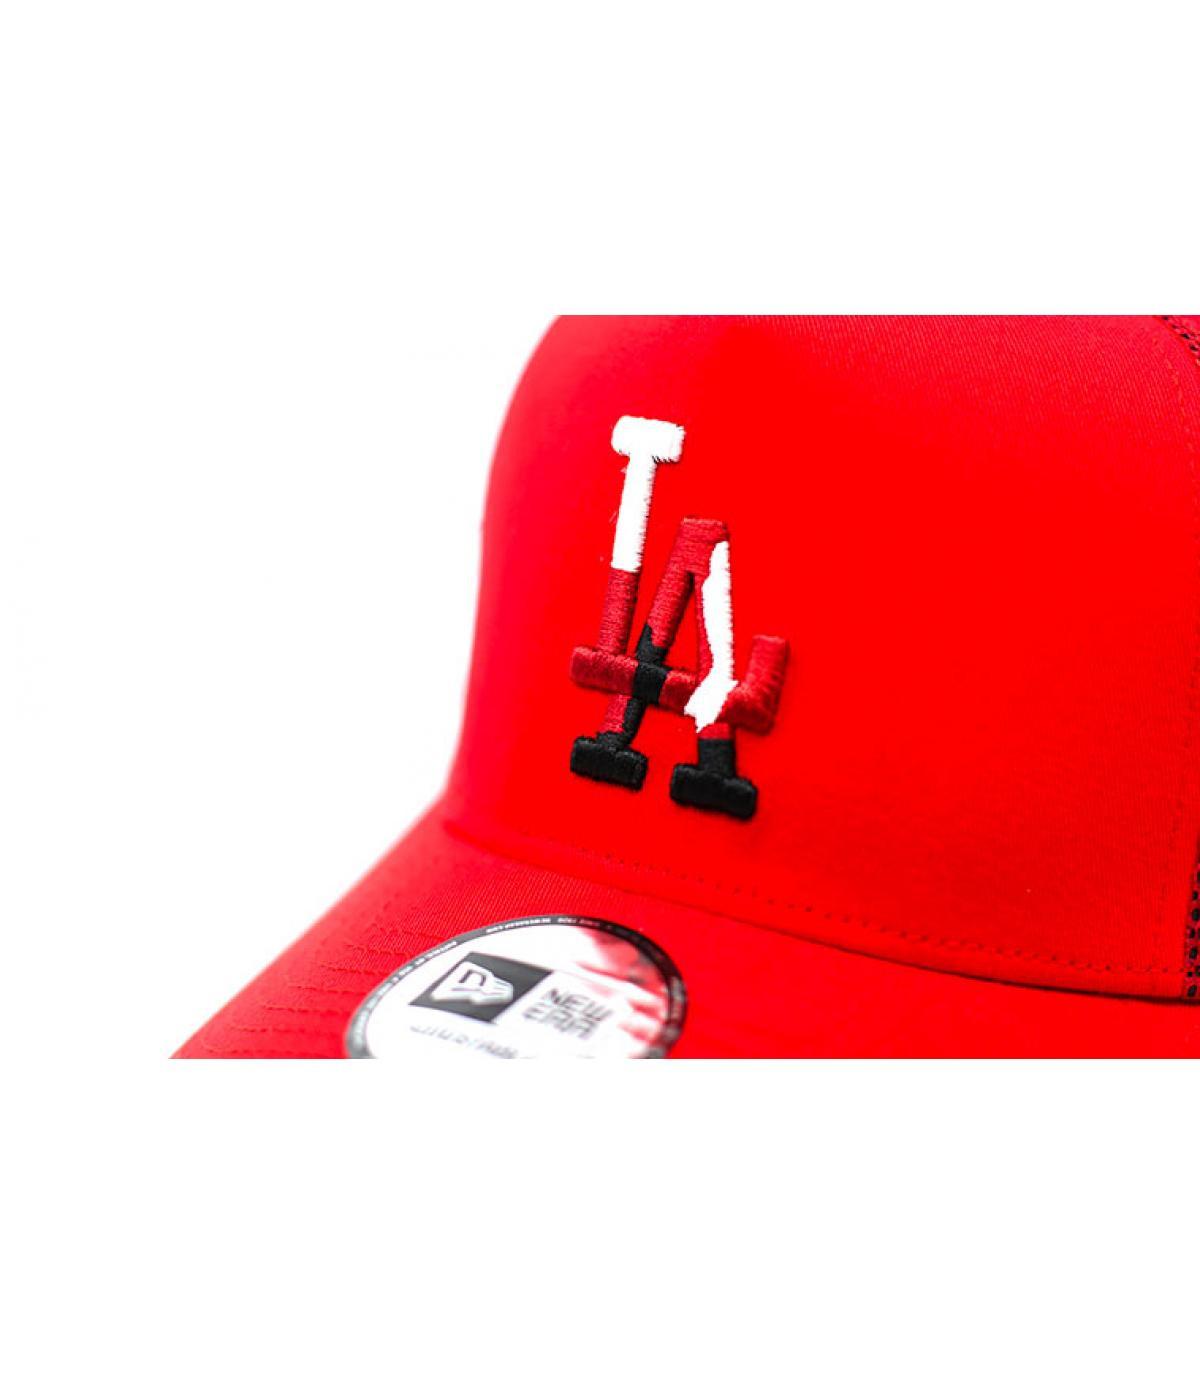 Details Trucker Camo Infill LA red - afbeeling 3